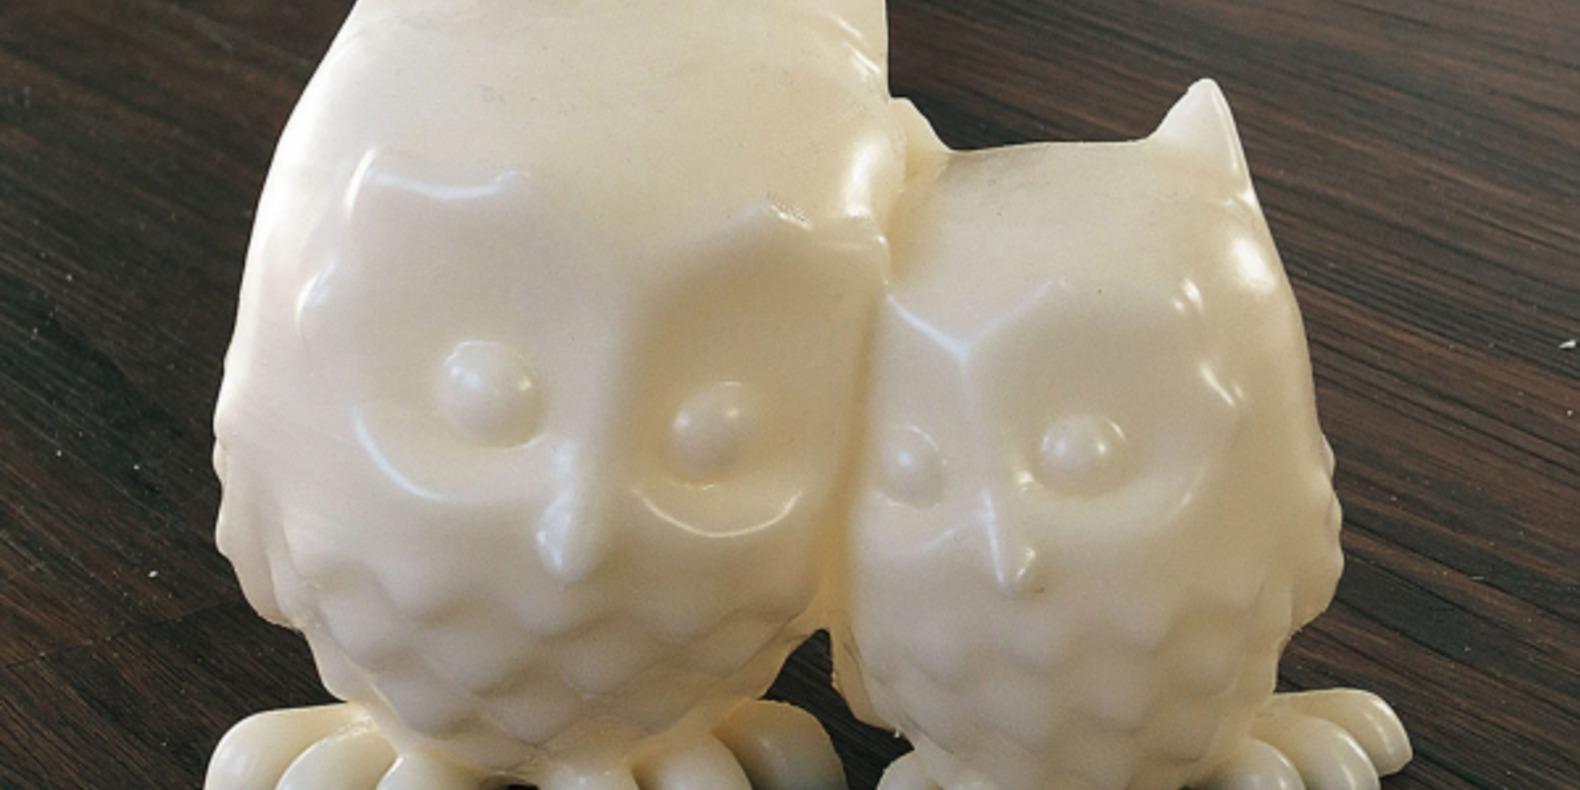 6.CuddlingOwls-Mooses animaux imprimés en 3D Cults fichier 3D 3D model 3D printing